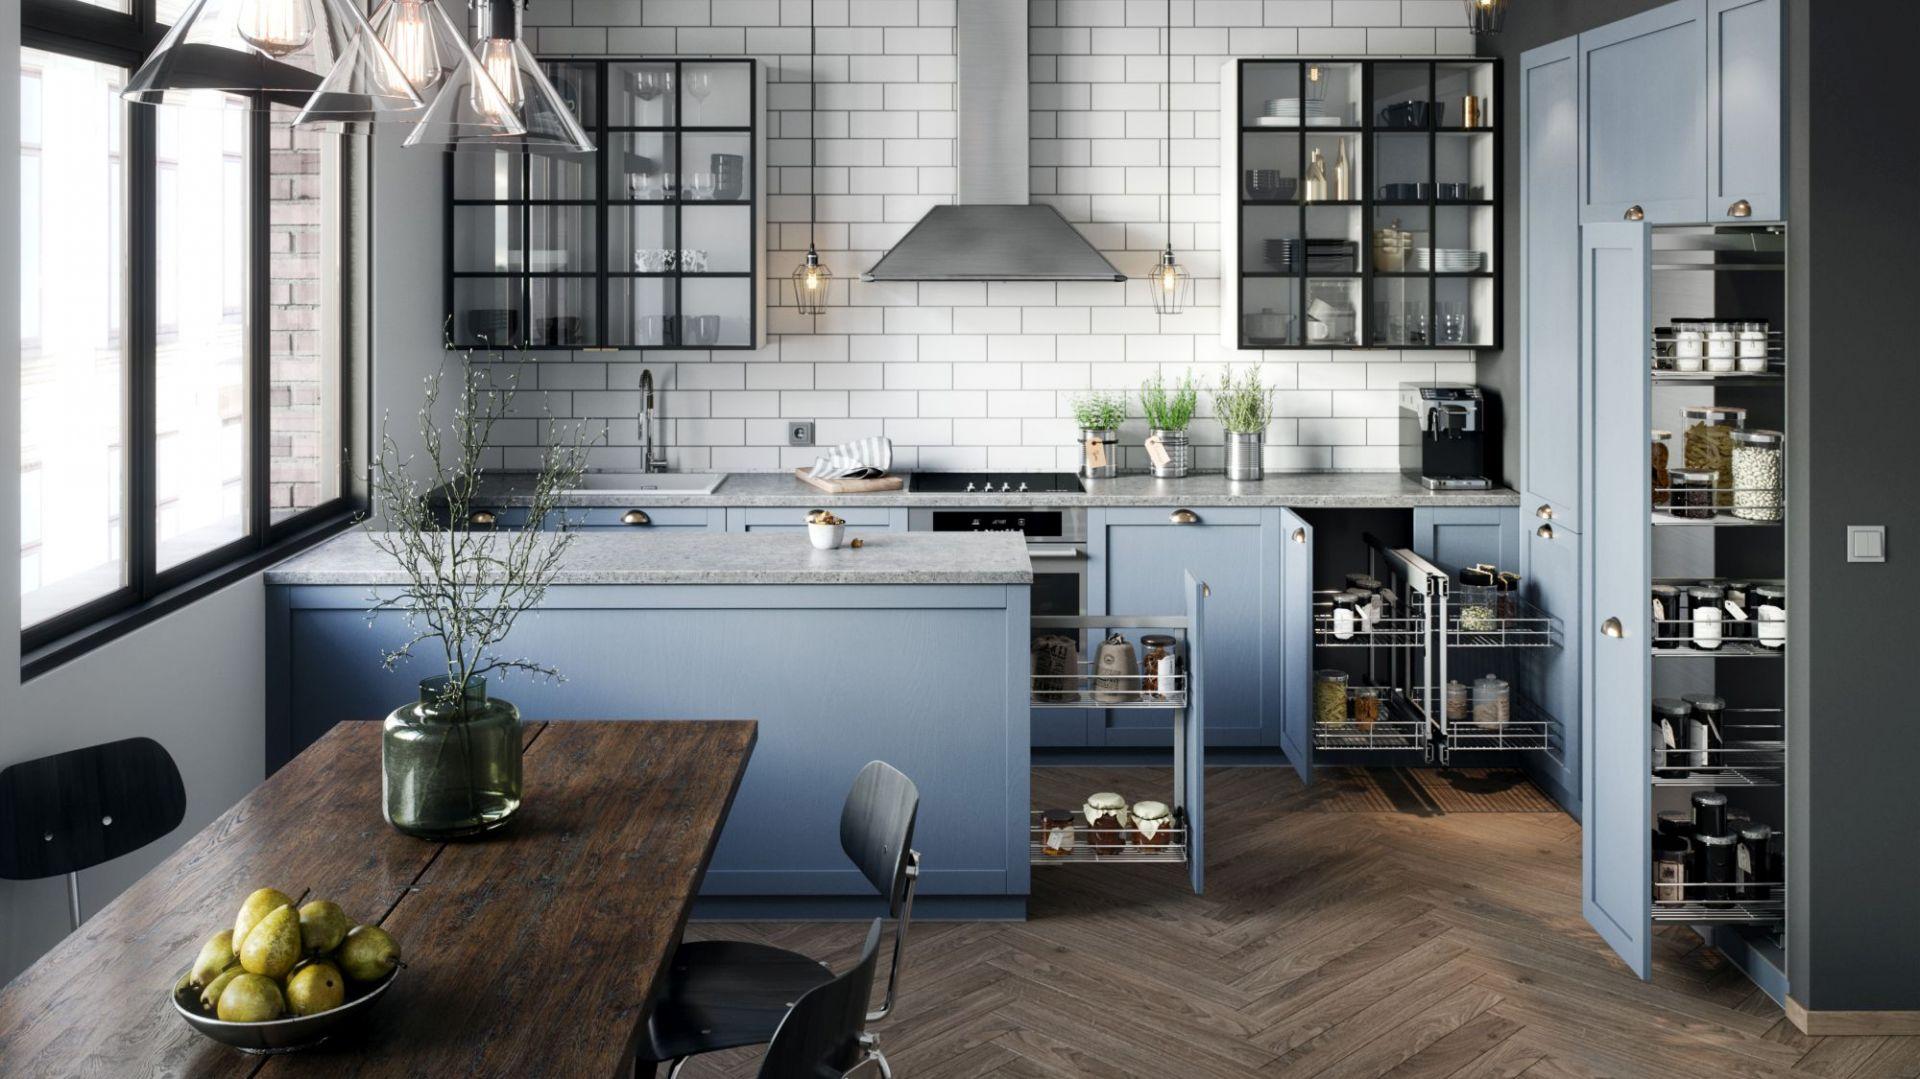 Carga Maxito propozycja do szafek wysokich i recepta na stworzenie pojemnej spiżarni nawet w stosunkowo niewielkiej kuchni. Fot. Rejs